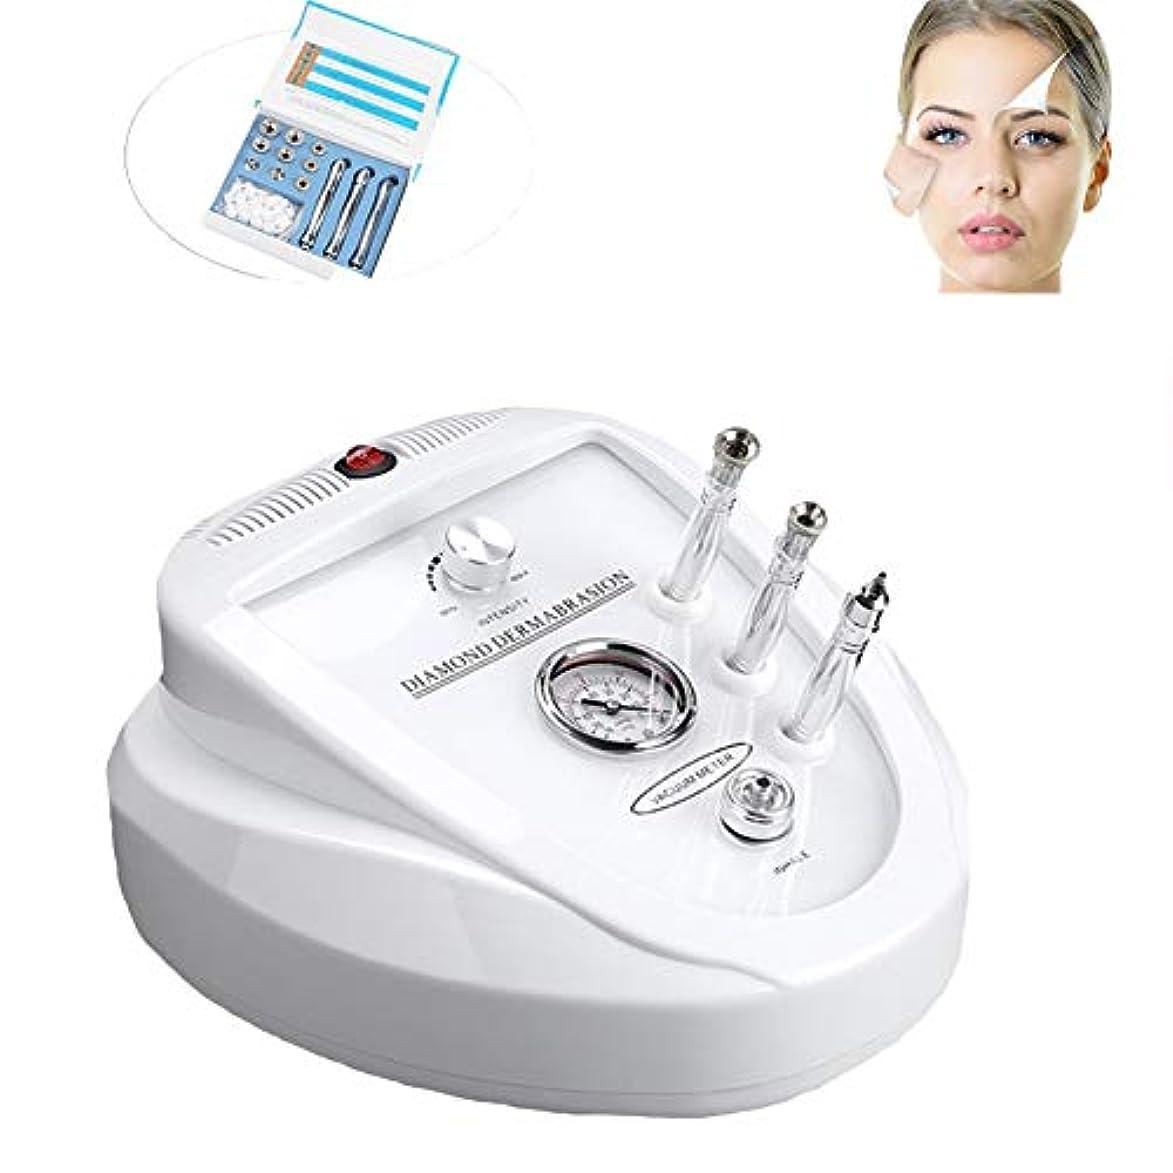 召集する対処カタログ3-1 - ダイヤモンド皮膚剥離マイクロダーマブレーションマシン剥離皮膚更新機器